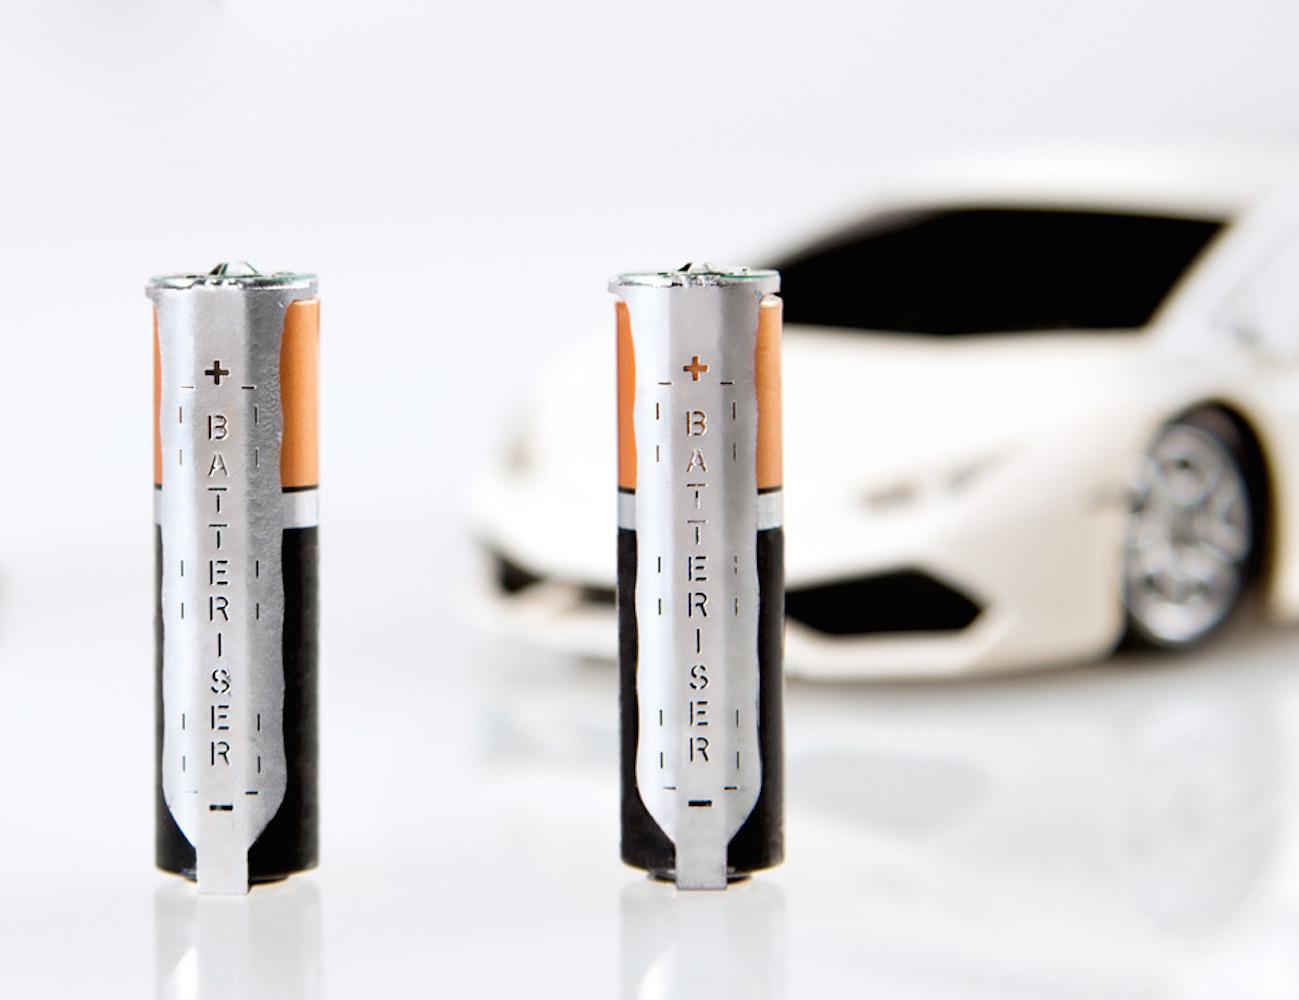 Batteriser – The Battery Life Extender